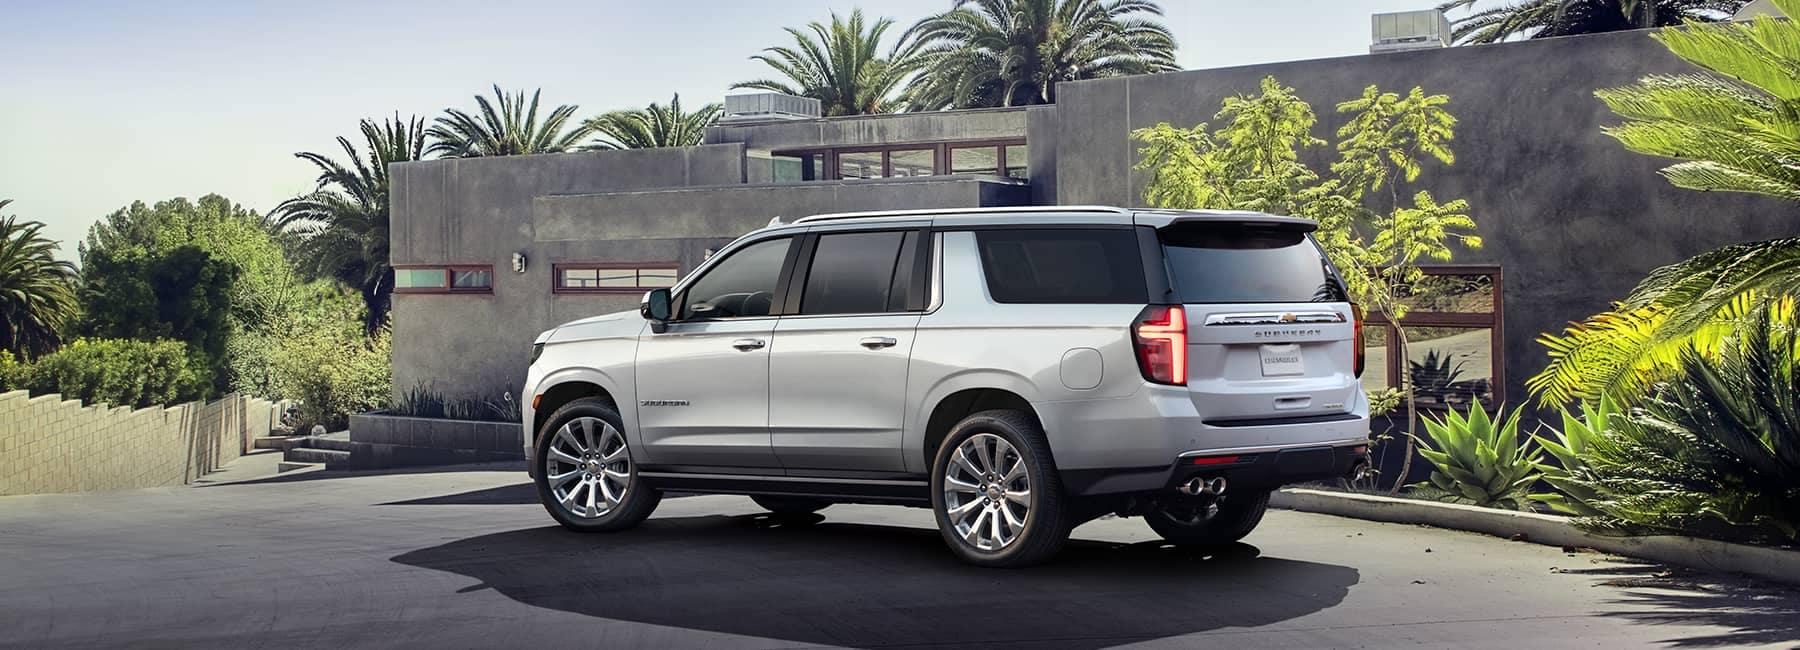 White 2021 Chevrolet Suburban